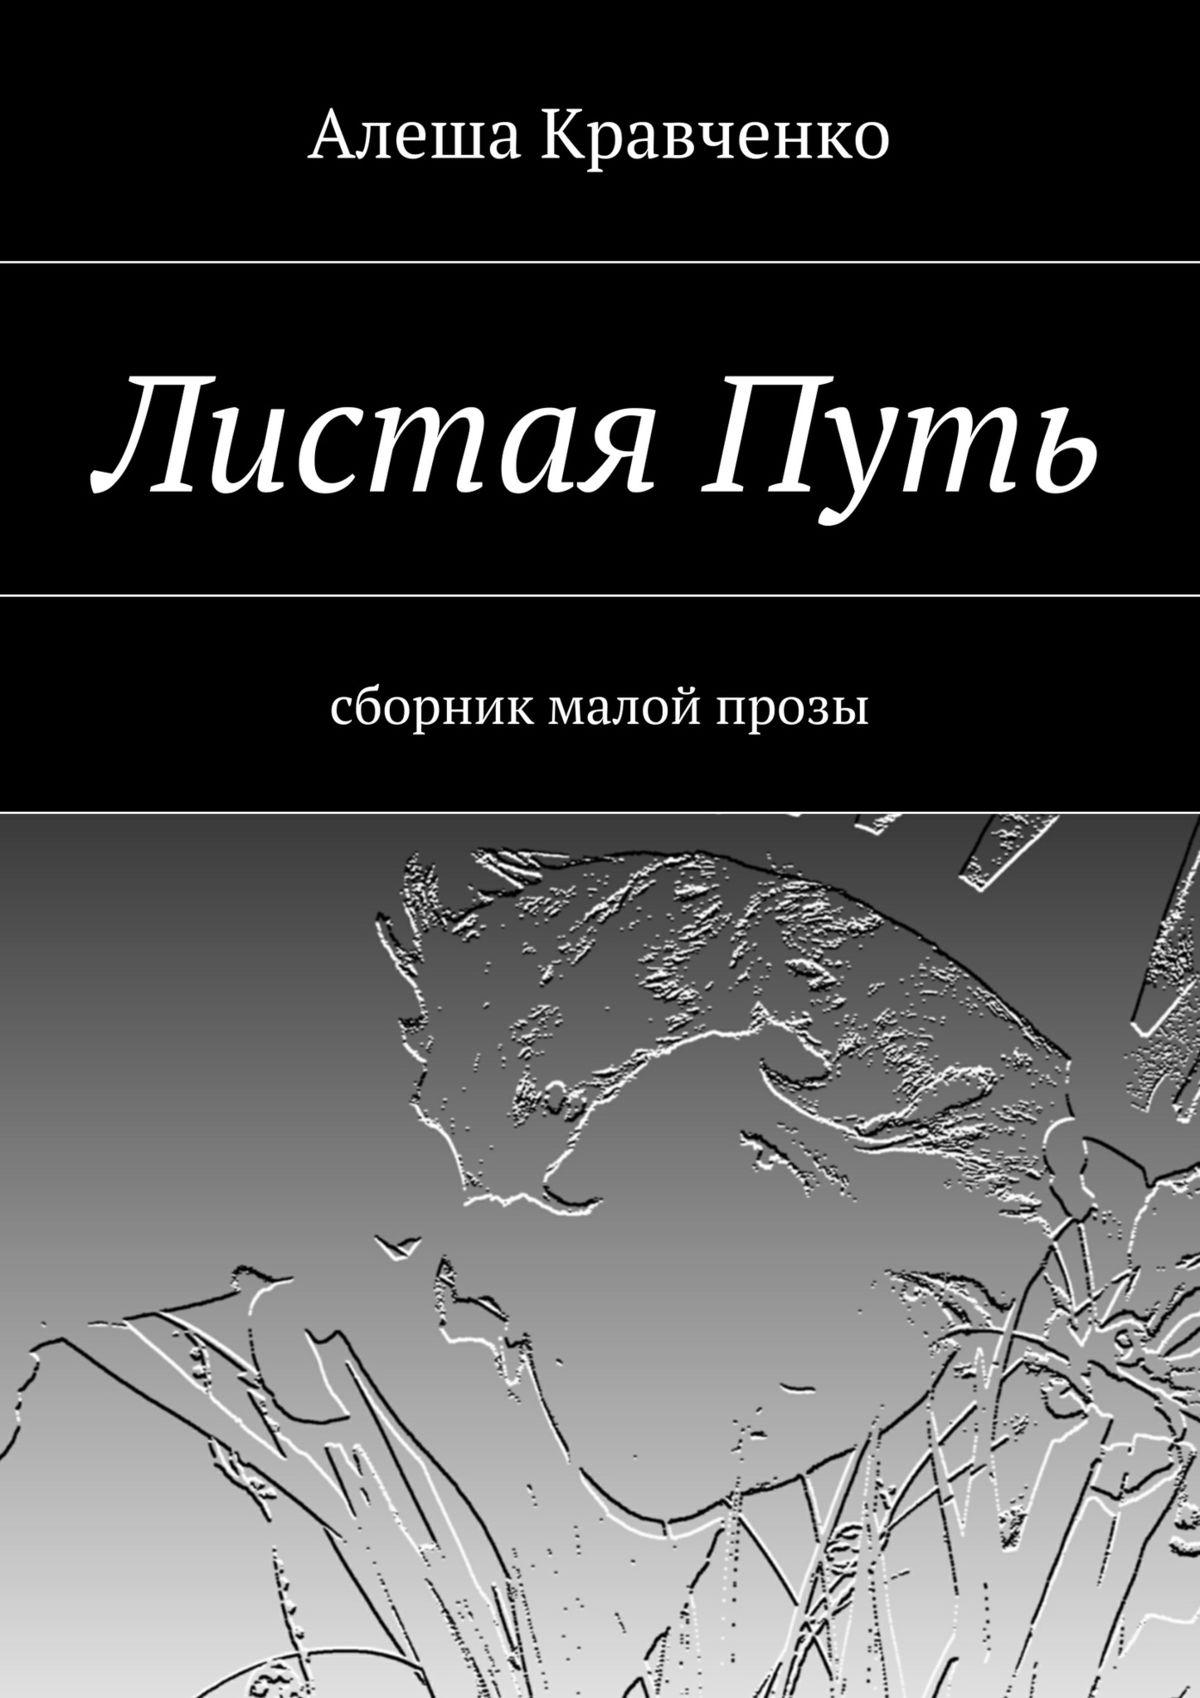 Алеша Кравченко Листая Путь. Сборник малой прозы цены